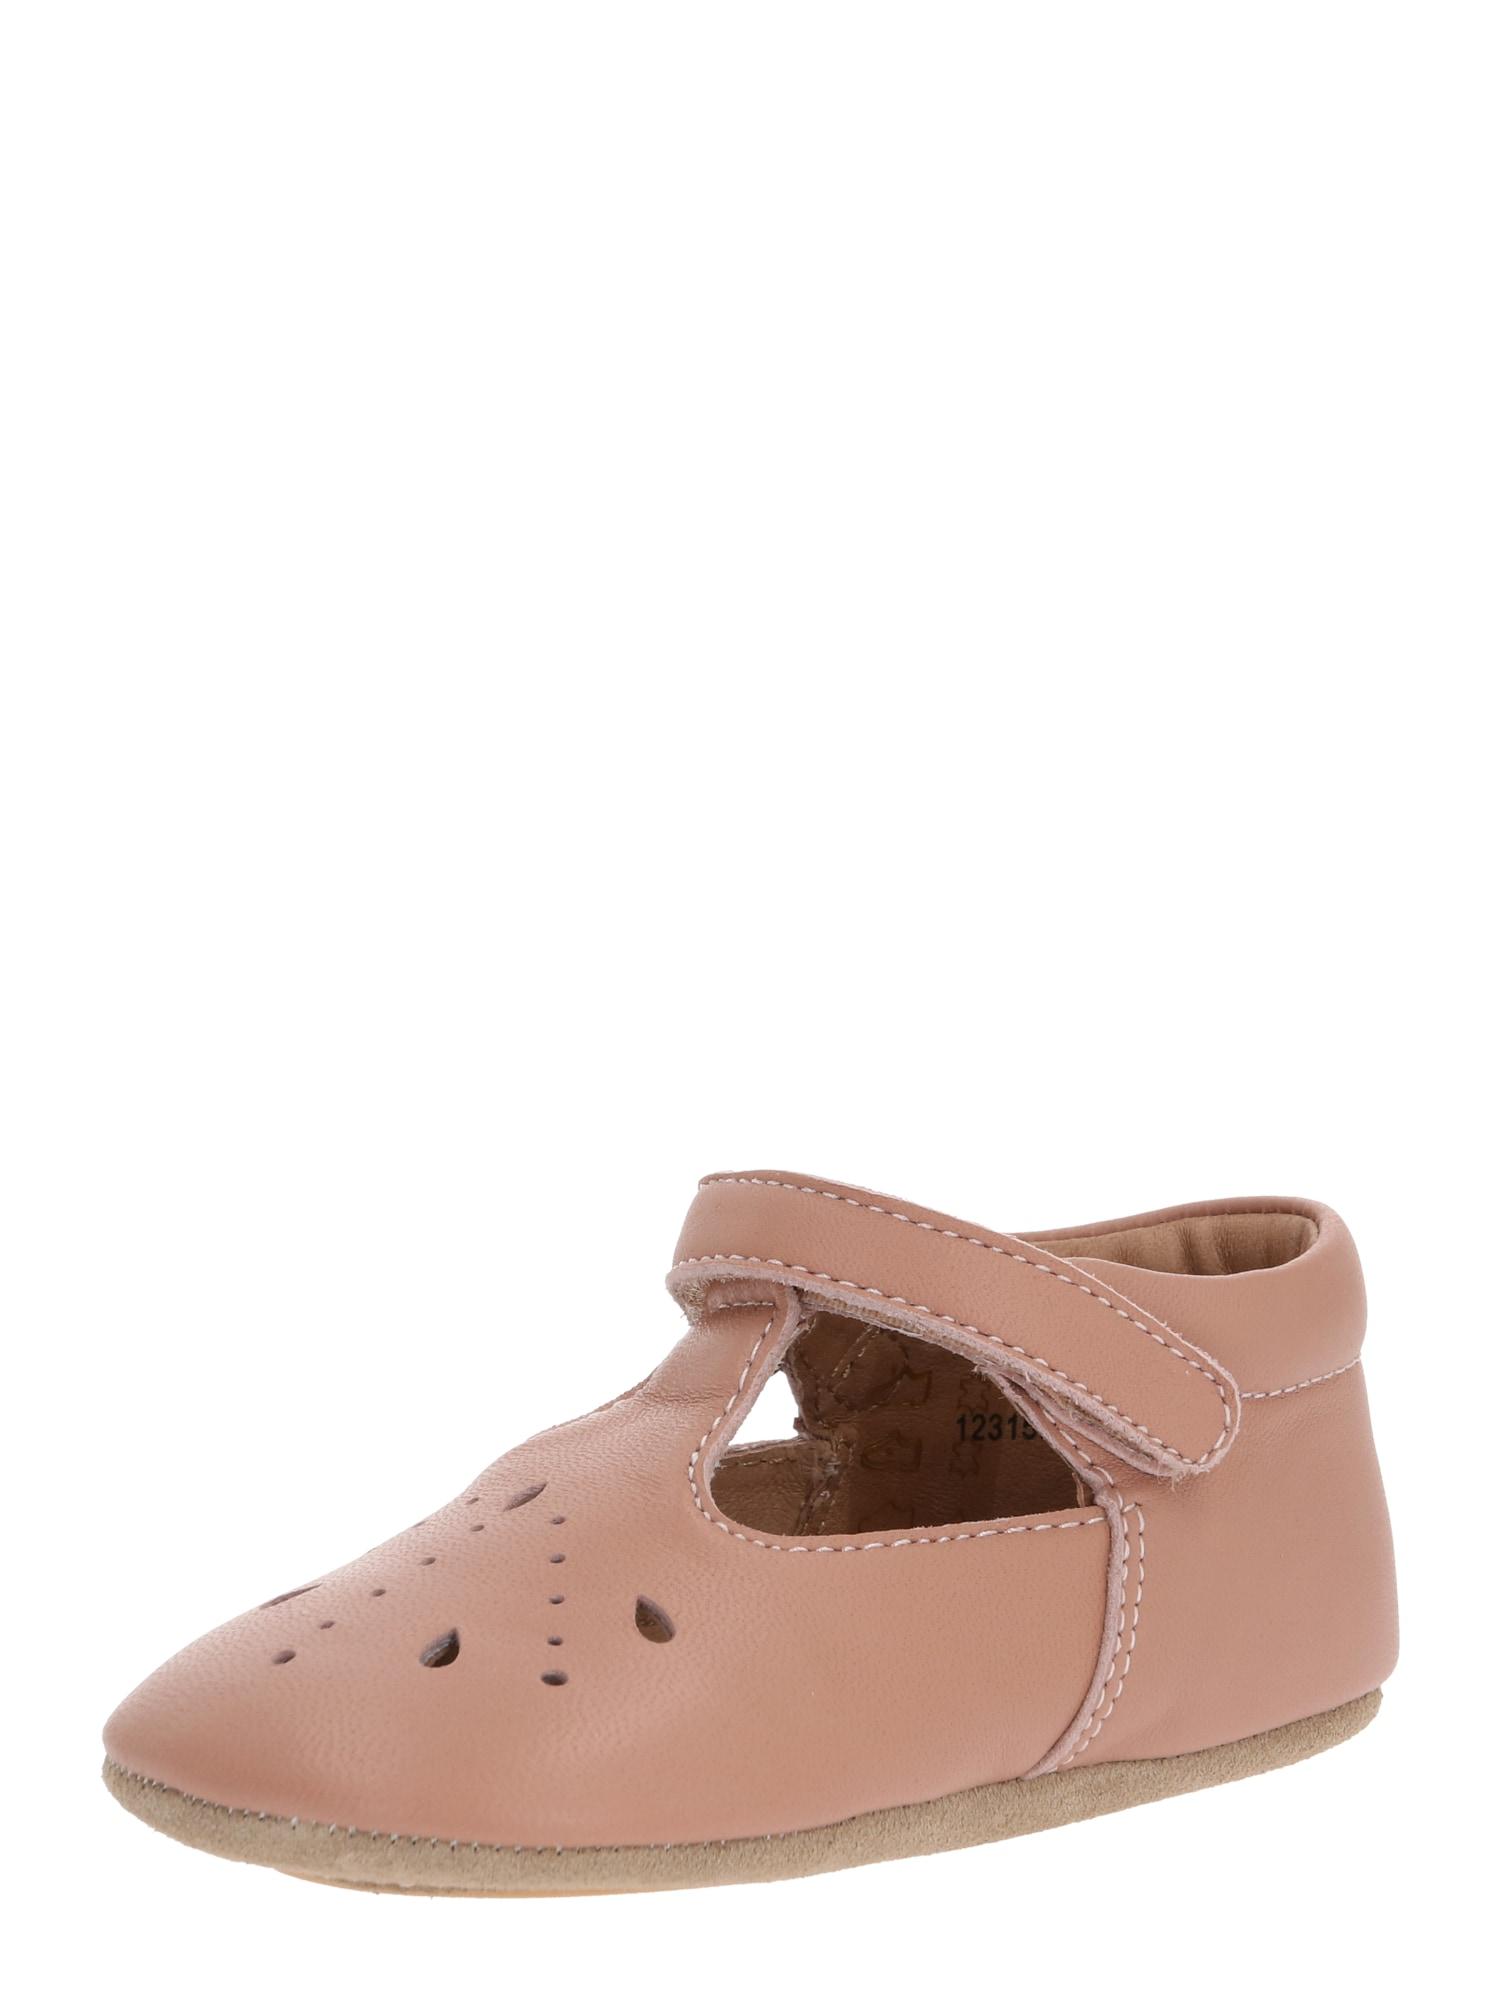 BISGAARD Pirmieji vaiko vaikščiojimo bateliai 'bisgaard' odos